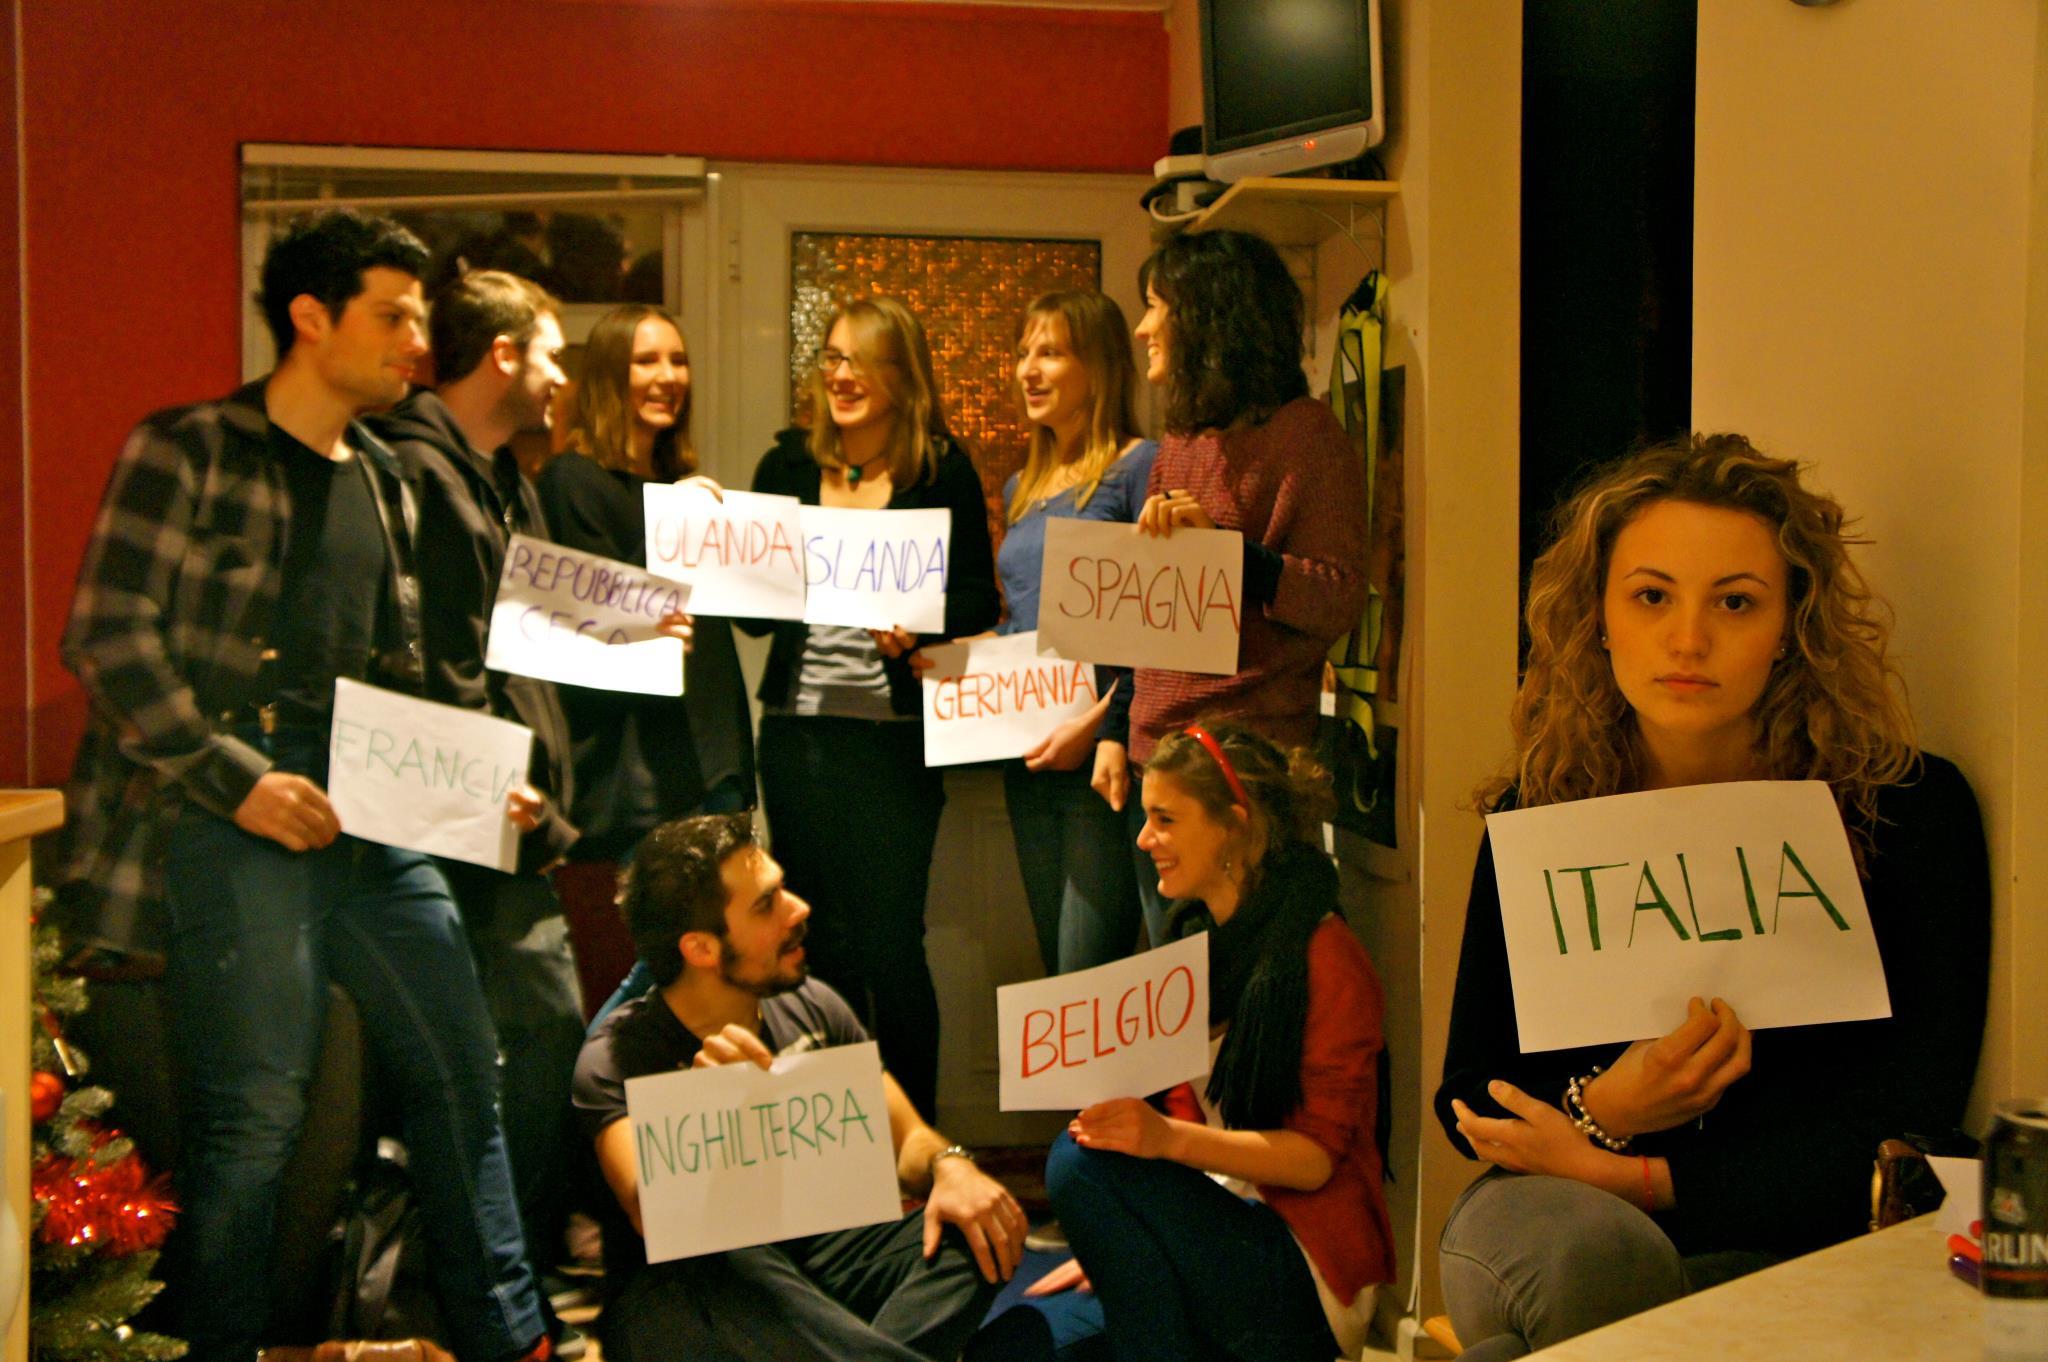 https://i1.wp.com/www.claudiodominech.com/wp-content/uploads/2013/01/Studenti-Erasmus-che-non-potranno-votare-alle-prossime-Elezioni.jpg